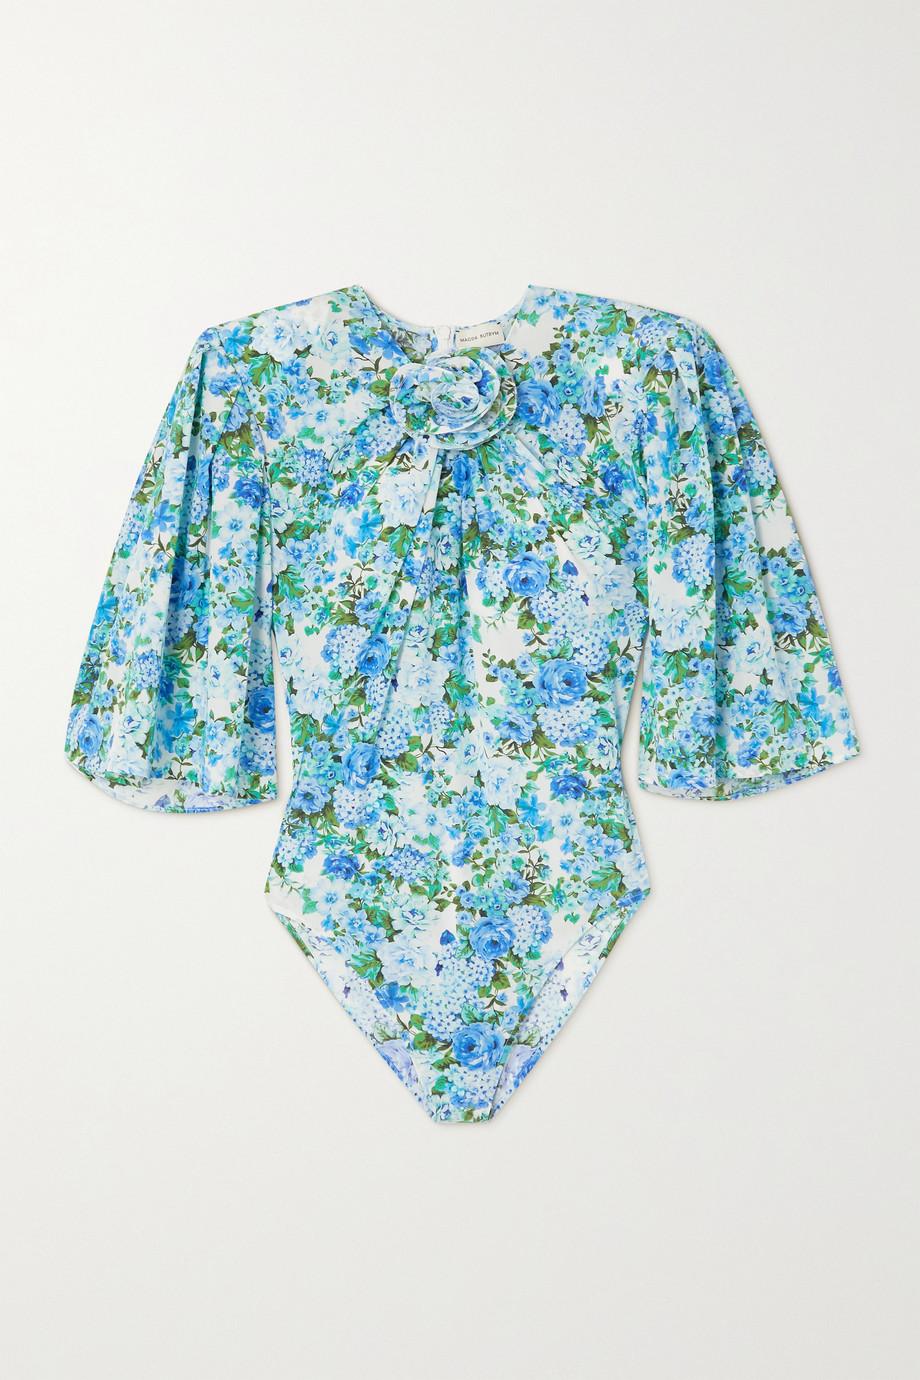 Magda Butrym Floral-print gathered stretch-silk bodysuit